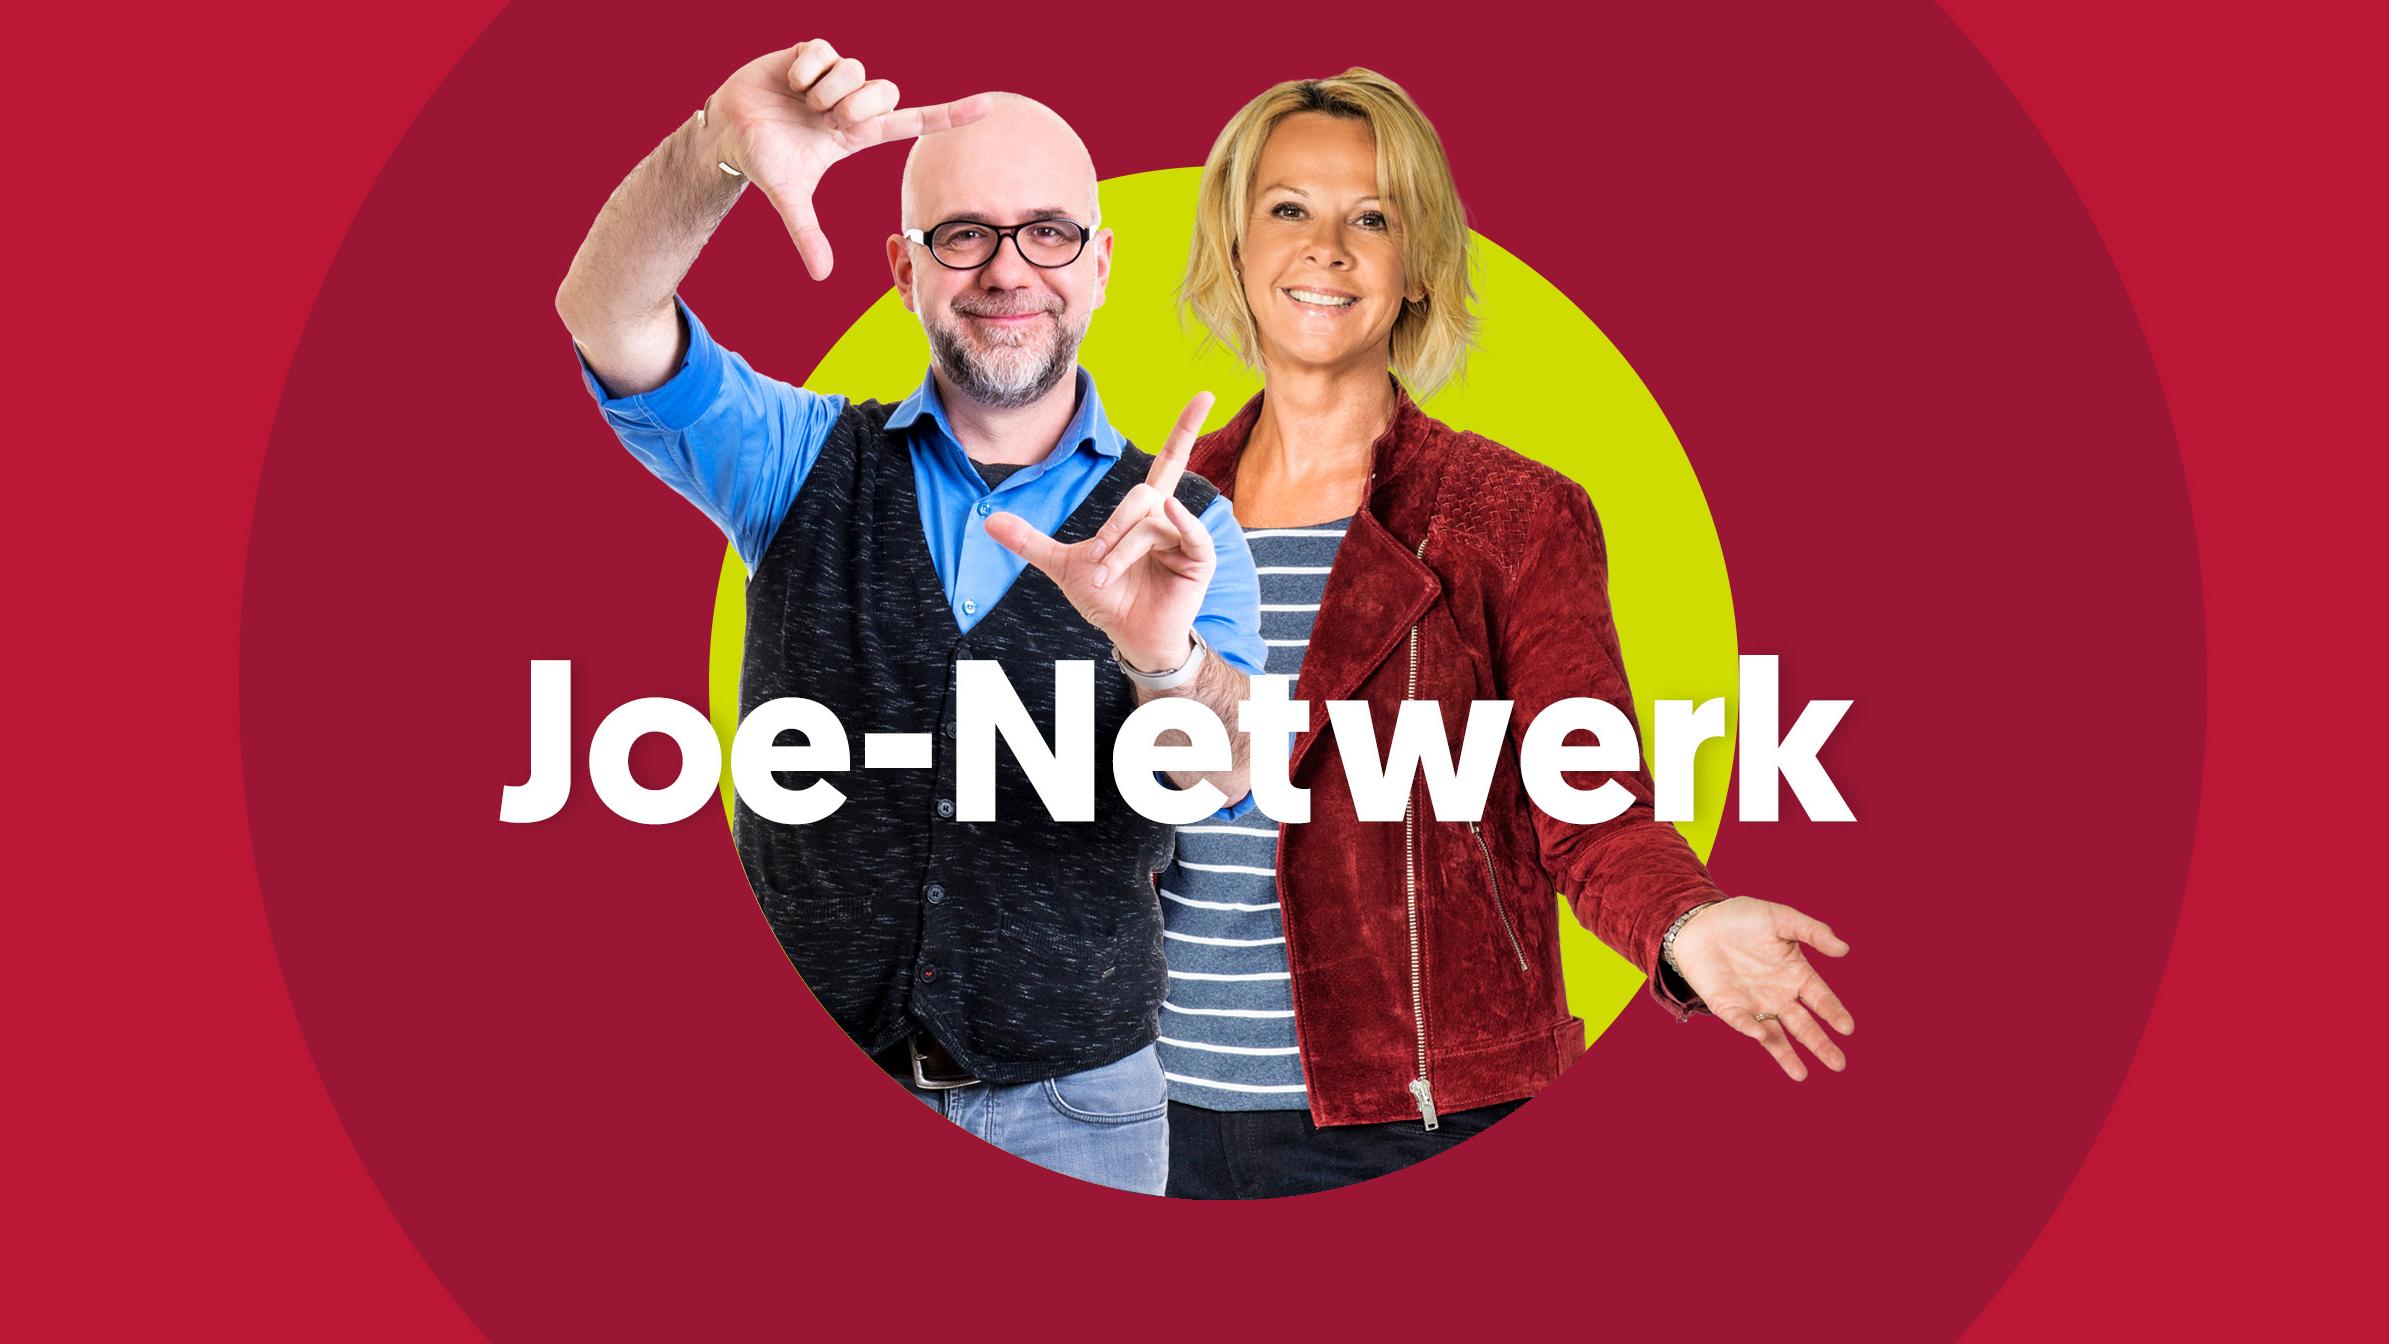 Joe netwerk alexandra carl